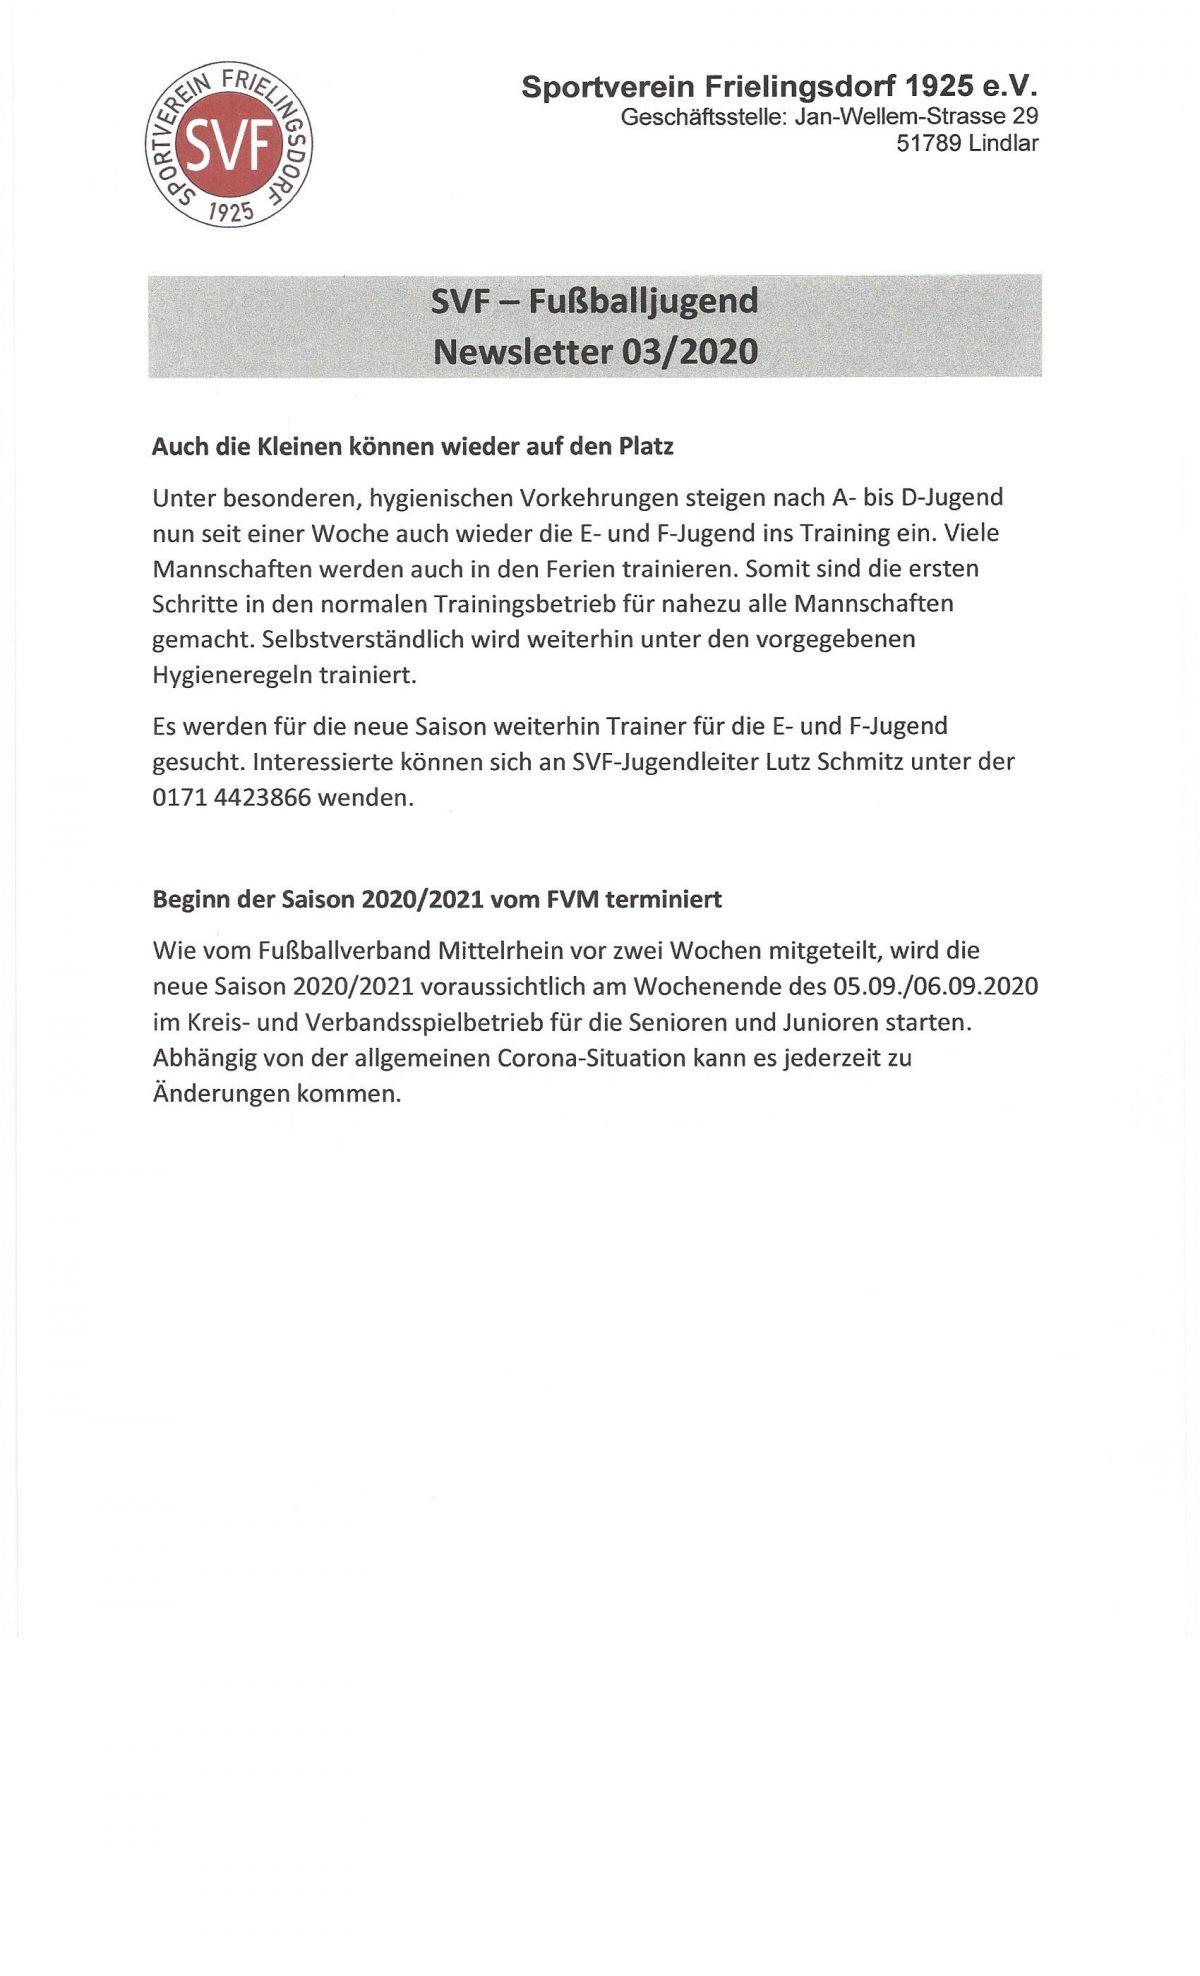 Newsletter 03/2020 der SVF-Fußballjugend